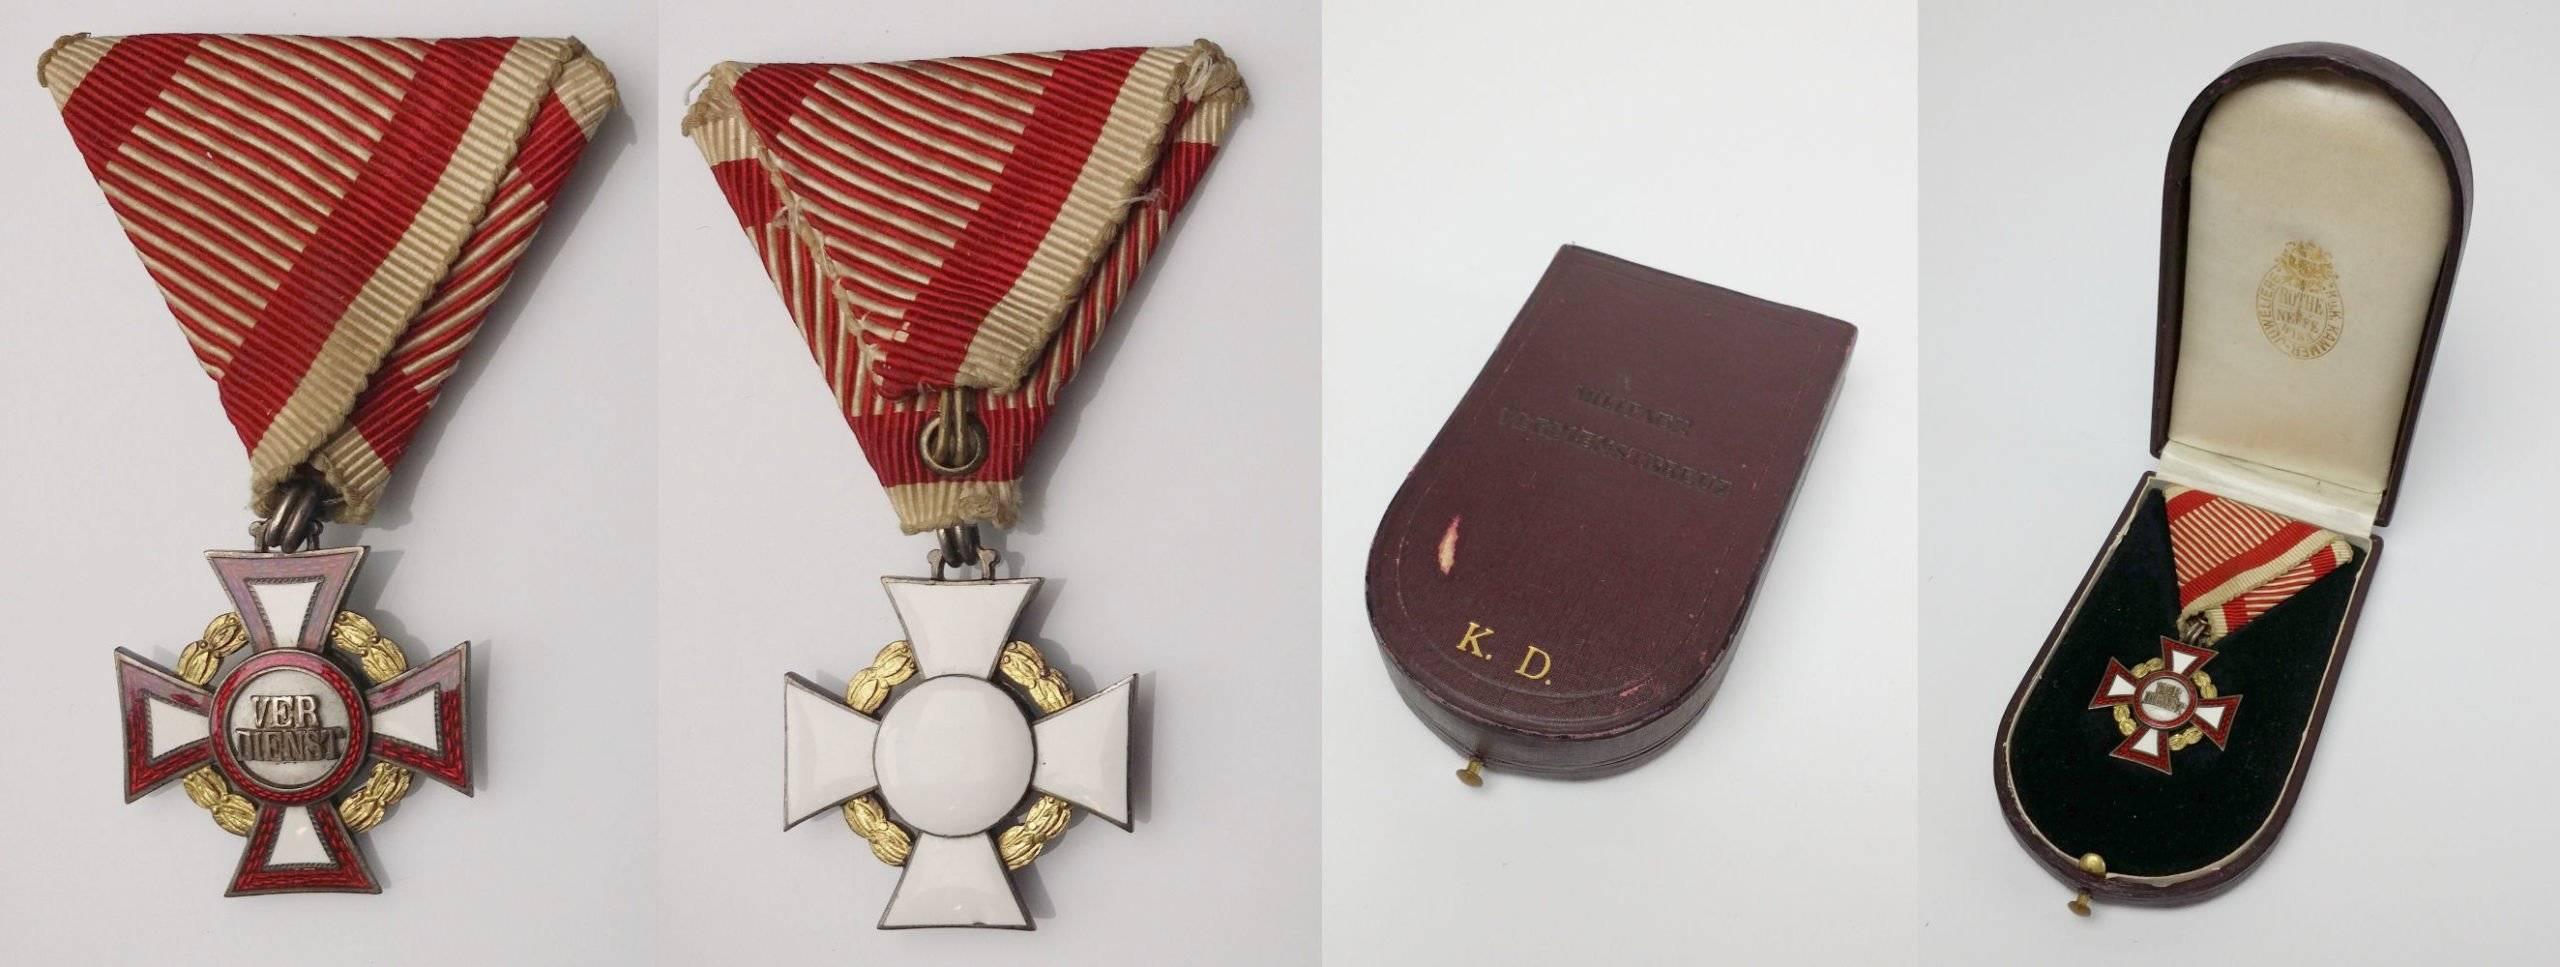 Otkup odlikovanja: Austrijsko odlikovanje Vojni križ za zasluge (Militärverdienstkreuz)